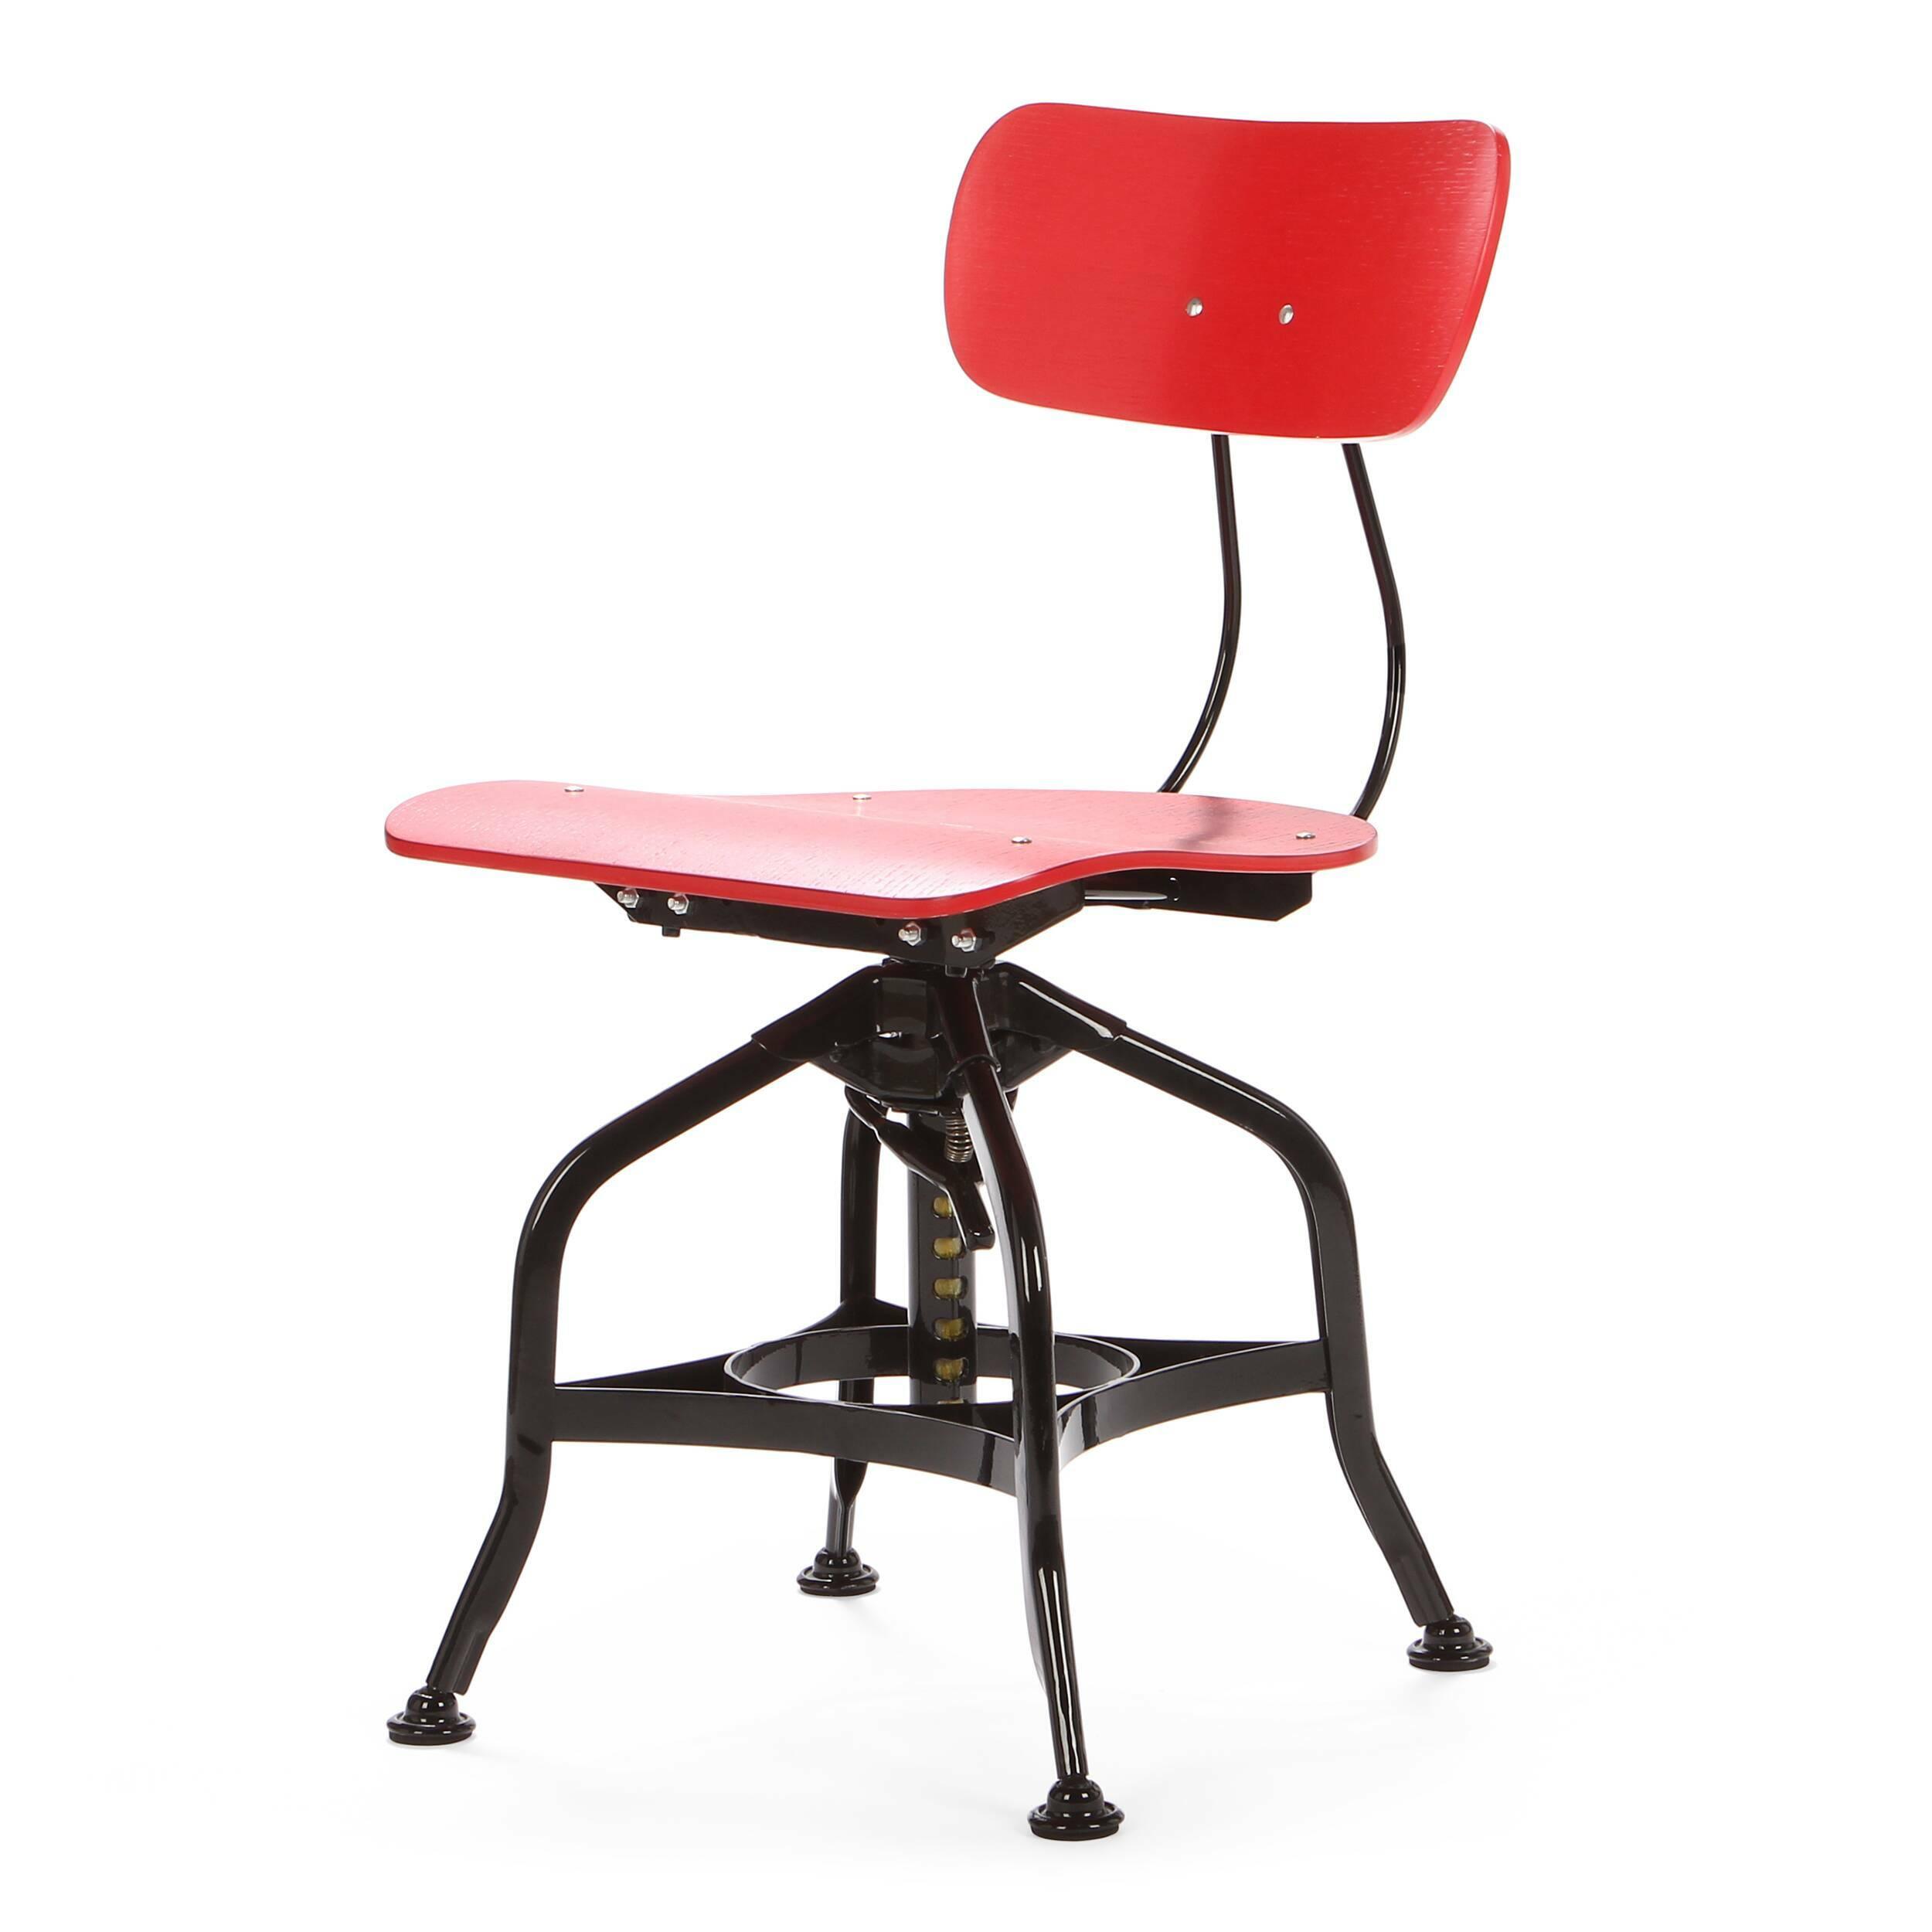 Стул ToledoИнтерьерные<br>Дизайнерский деревянный стул Toledo (Толедо) с регулировкой высоты от Cosmo (Космо).<br><br> Cтул Toledo 1920 года — прекрасный элемент интерьера в индустриальном стиле. Предмет функционален и лаконичен, при всей своей непритязательности он может стать выразительным акцентом, придав пространству особую атмосферу.<br><br><br> Сиденье и спинка изготовлены из натурального клена и имеют плавные эргономичные изгибы, специальный механизм позволяет менять высоту спинки. Хитрая система ножек из стали напомина...<br><br>stock: 17<br>Высота: 80<br>Высота сиденья: 42-53<br>Ширина: 42<br>Глубина: 48<br>Тип материала каркаса: Сталь<br>Материал сидения: Фанера, шпон дуба<br>Цвет сидения: Красный<br>Тип материала сидения: Дерево<br>Цвет каркаса: Черный